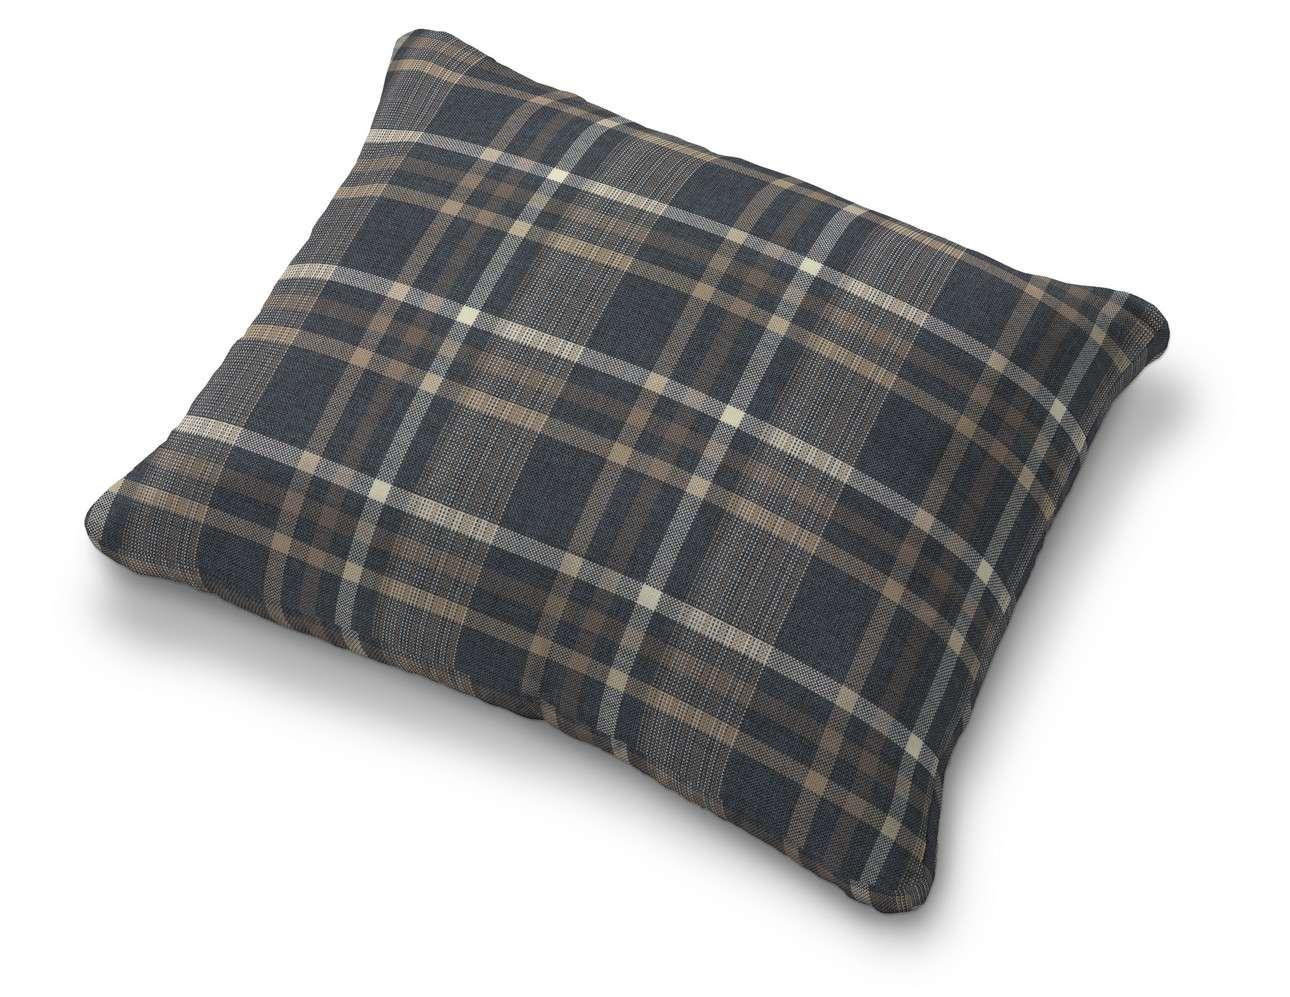 Poszewka na poduszkę Karlstad 58x48cm w kolekcji Edinburgh, tkanina: 703-16